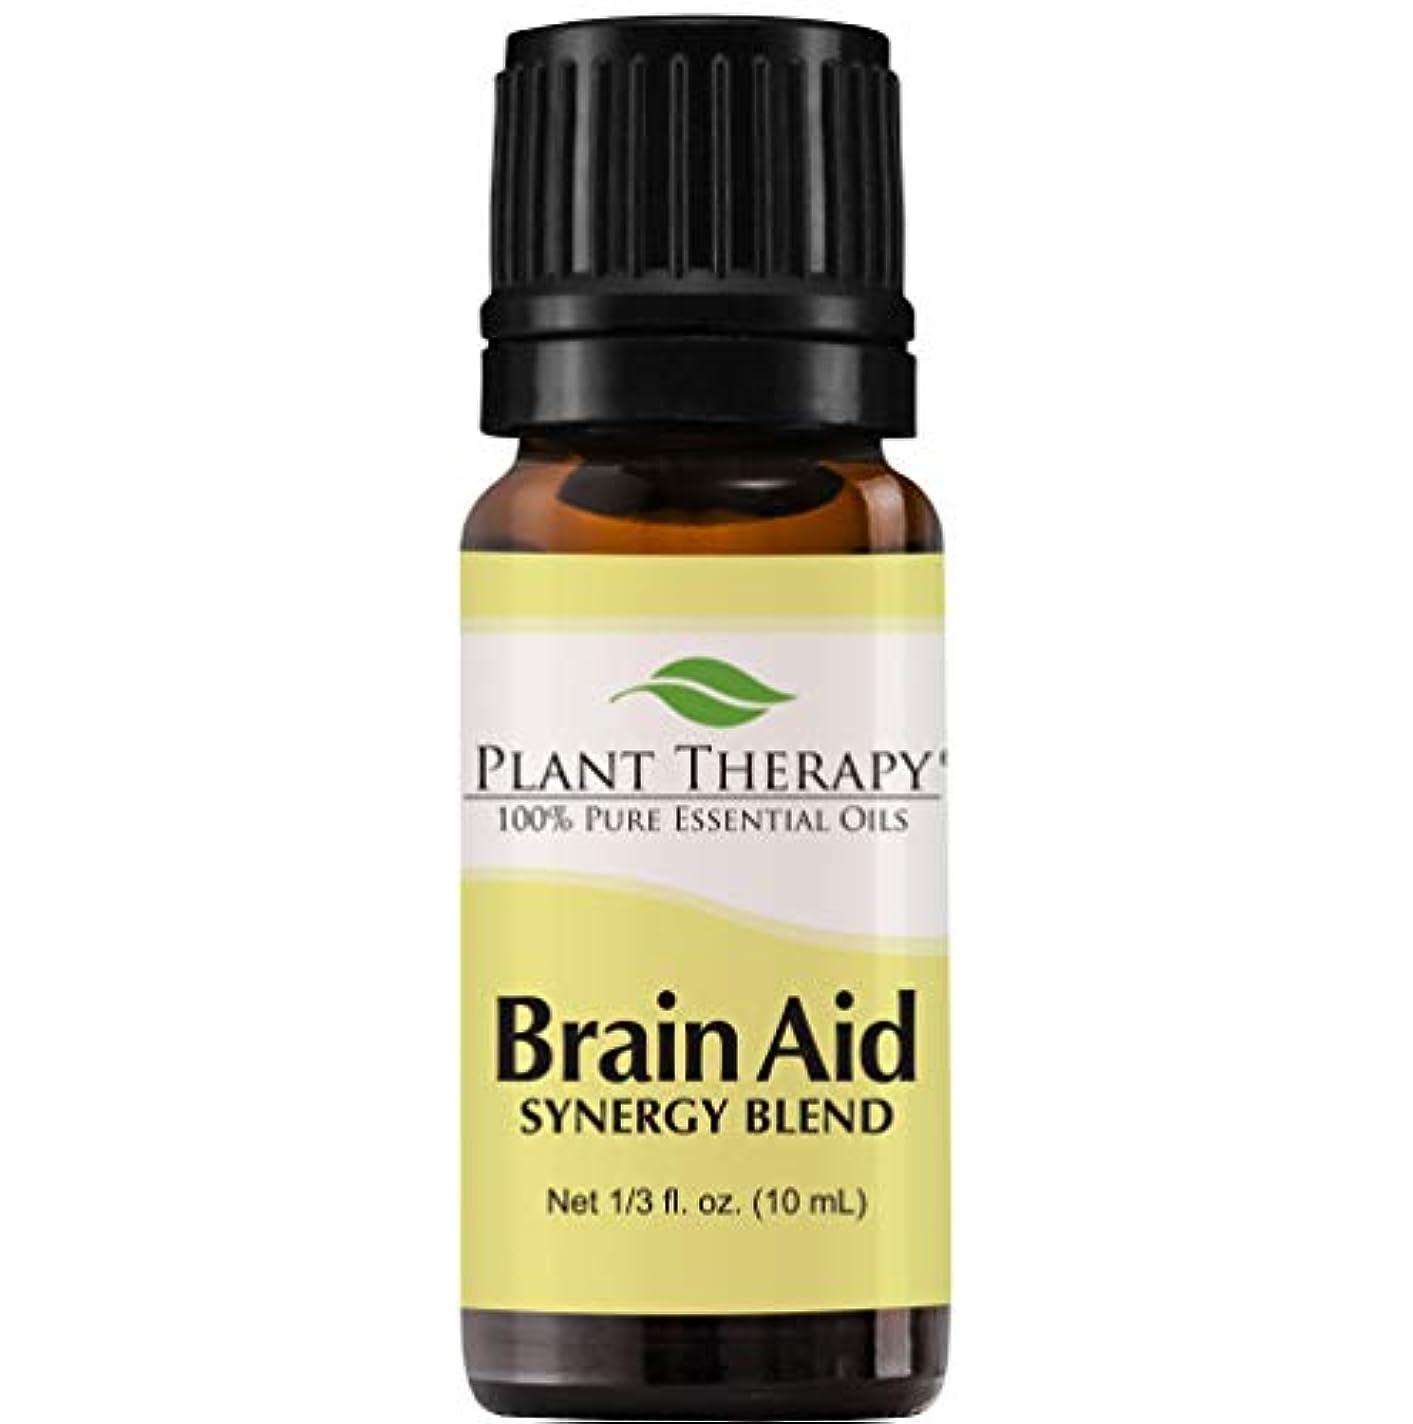 郡トランクまたは脳援助シナジー(精神的な焦点と明確にするため)。エッセンシャルオイルブレンド。 10ミリリットル(1/3オンス)。 100%ピュア、希釈していない、治療グレード。